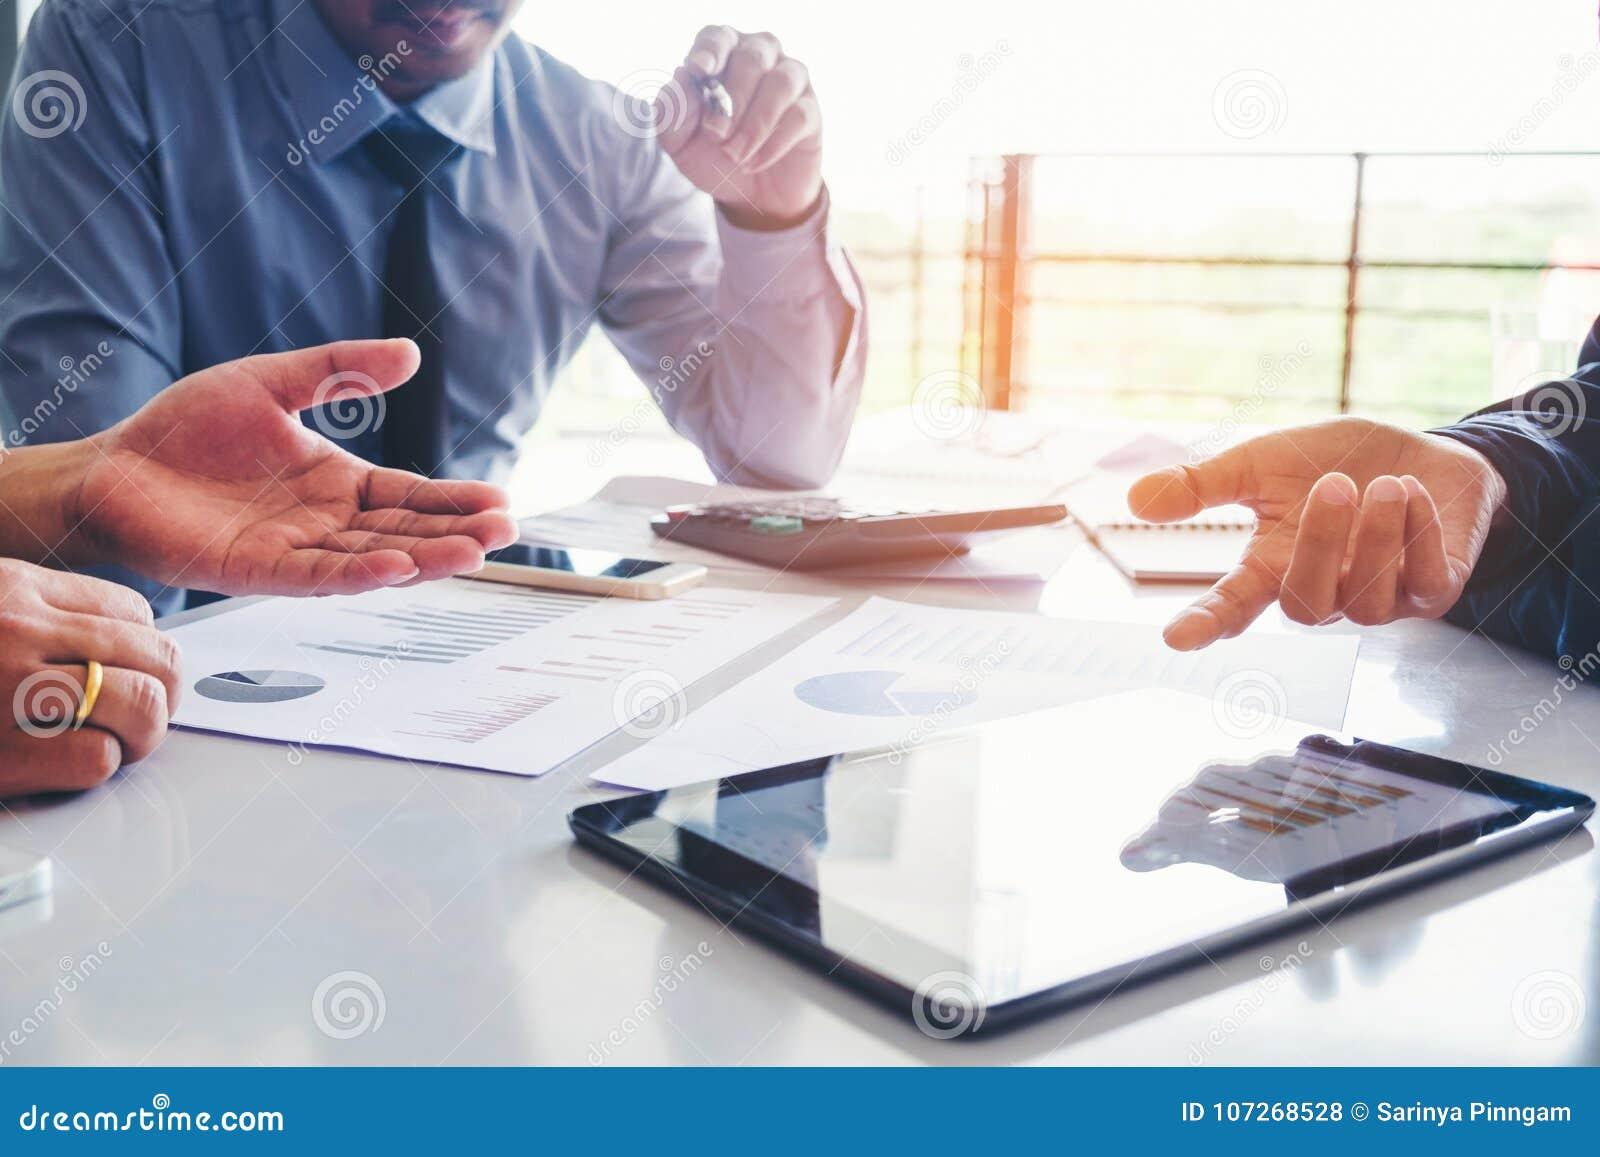 Επιχειρηματίες που συναντούν την ανάλυση στρατηγικής προγραμματισμού στο νέο busine